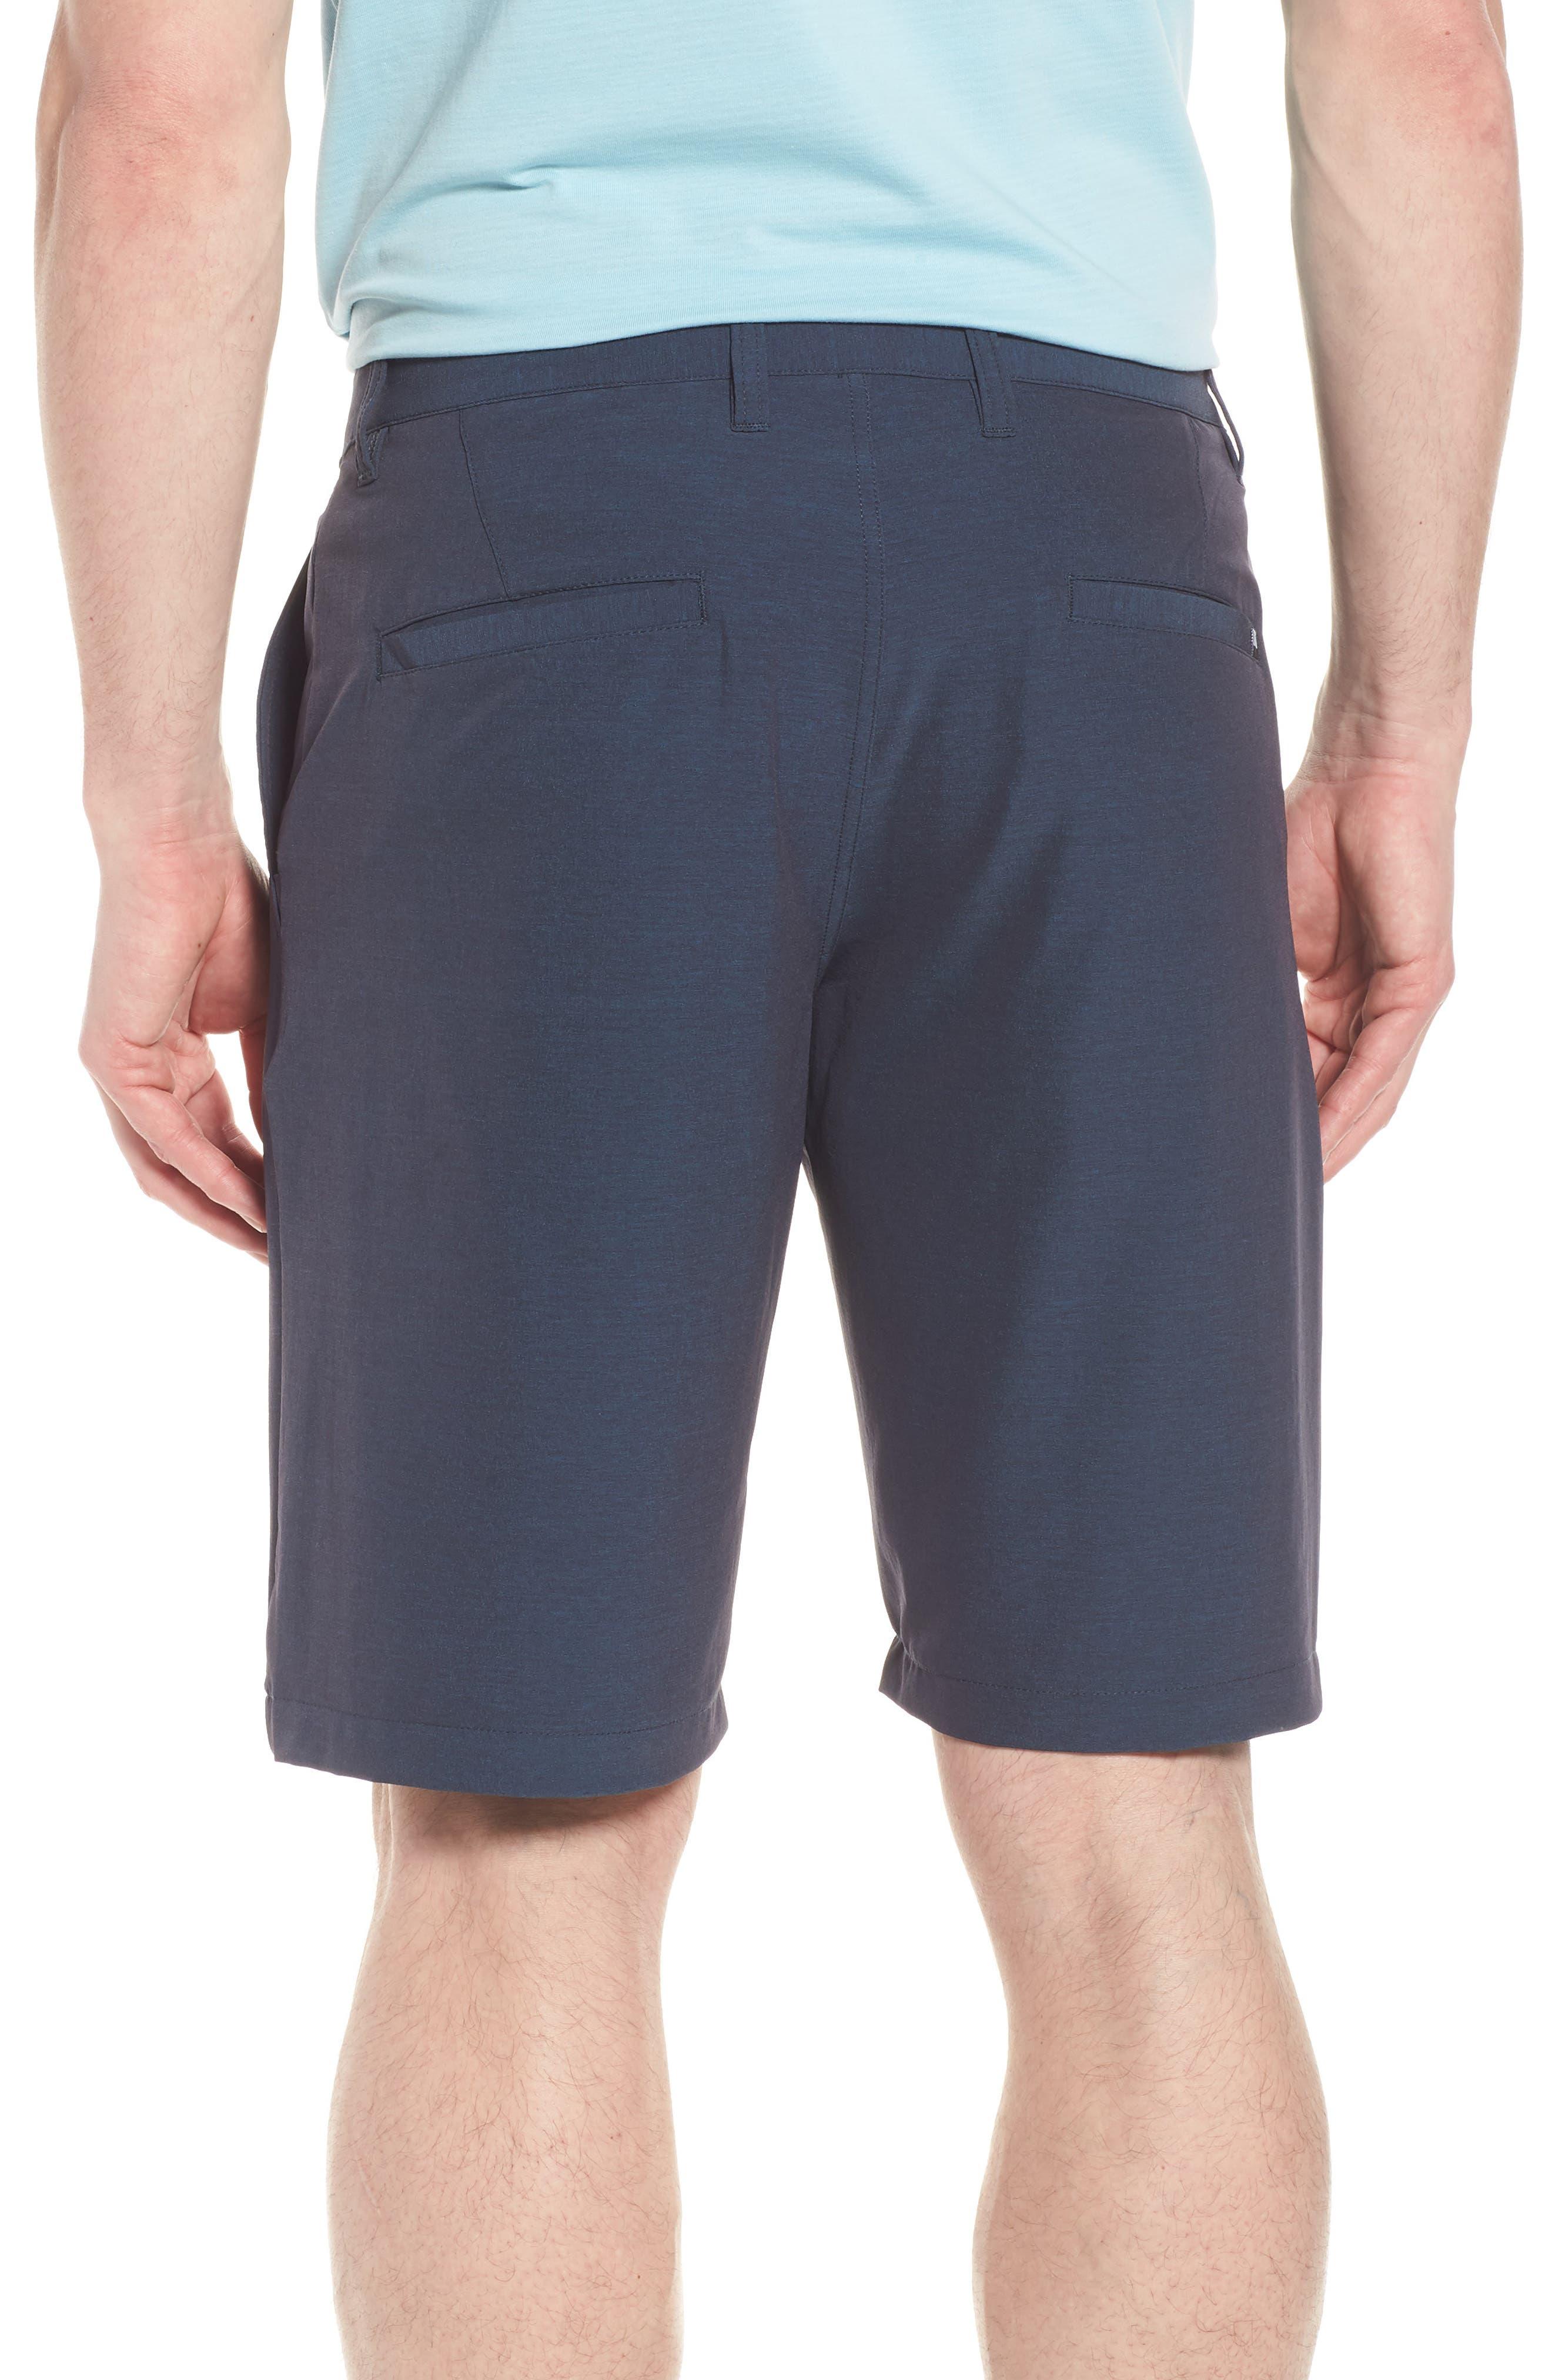 Pancho Shorts,                             Alternate thumbnail 2, color,